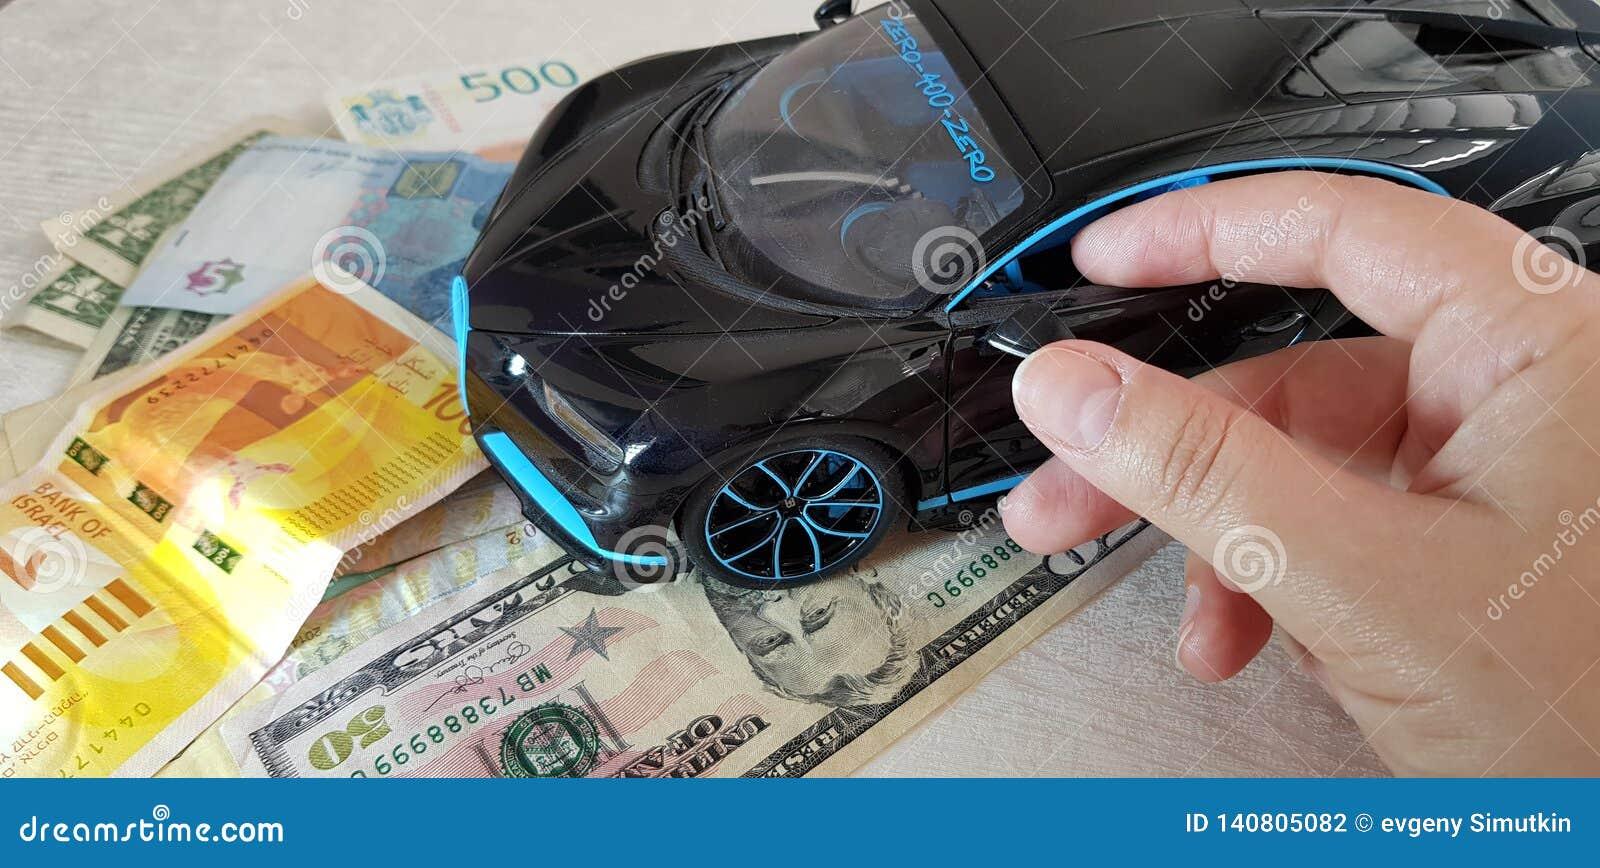 Contacts de jeune fille avec ses doigts un miroir de la position noire de jouet en métal de Bugatti Chiron avec les roues avant s